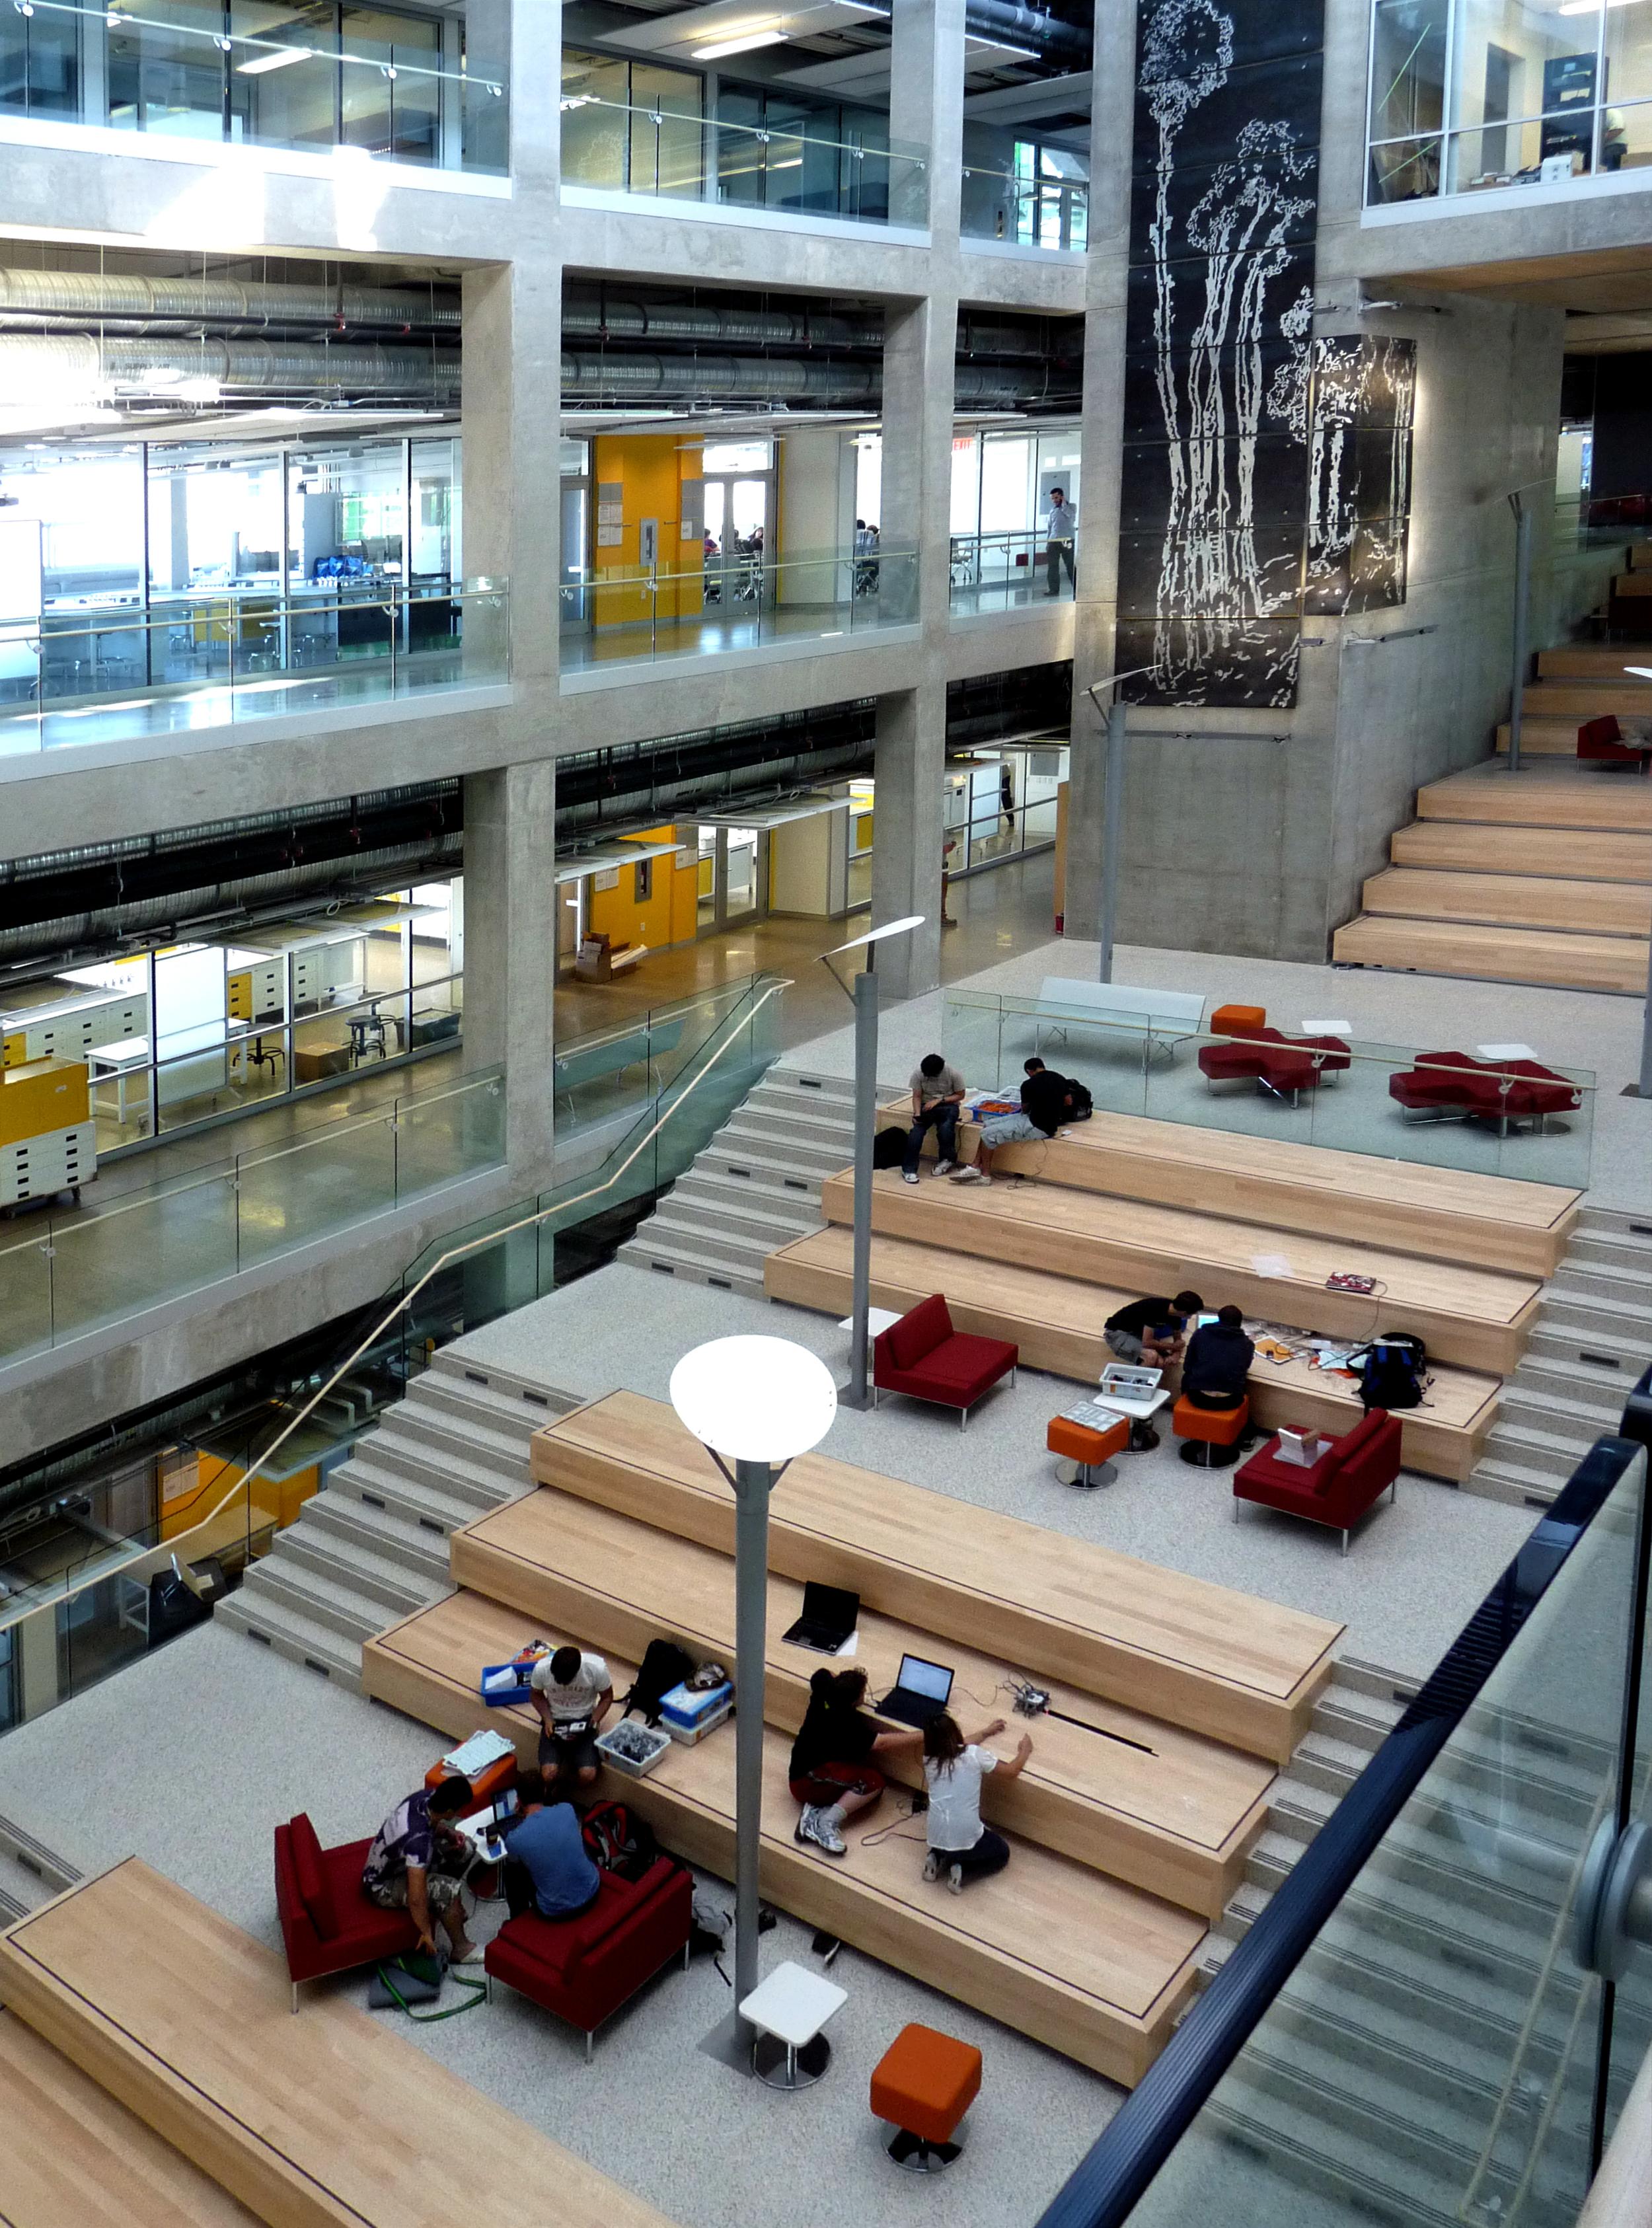 2011-09-08 EEEL social space.jpg